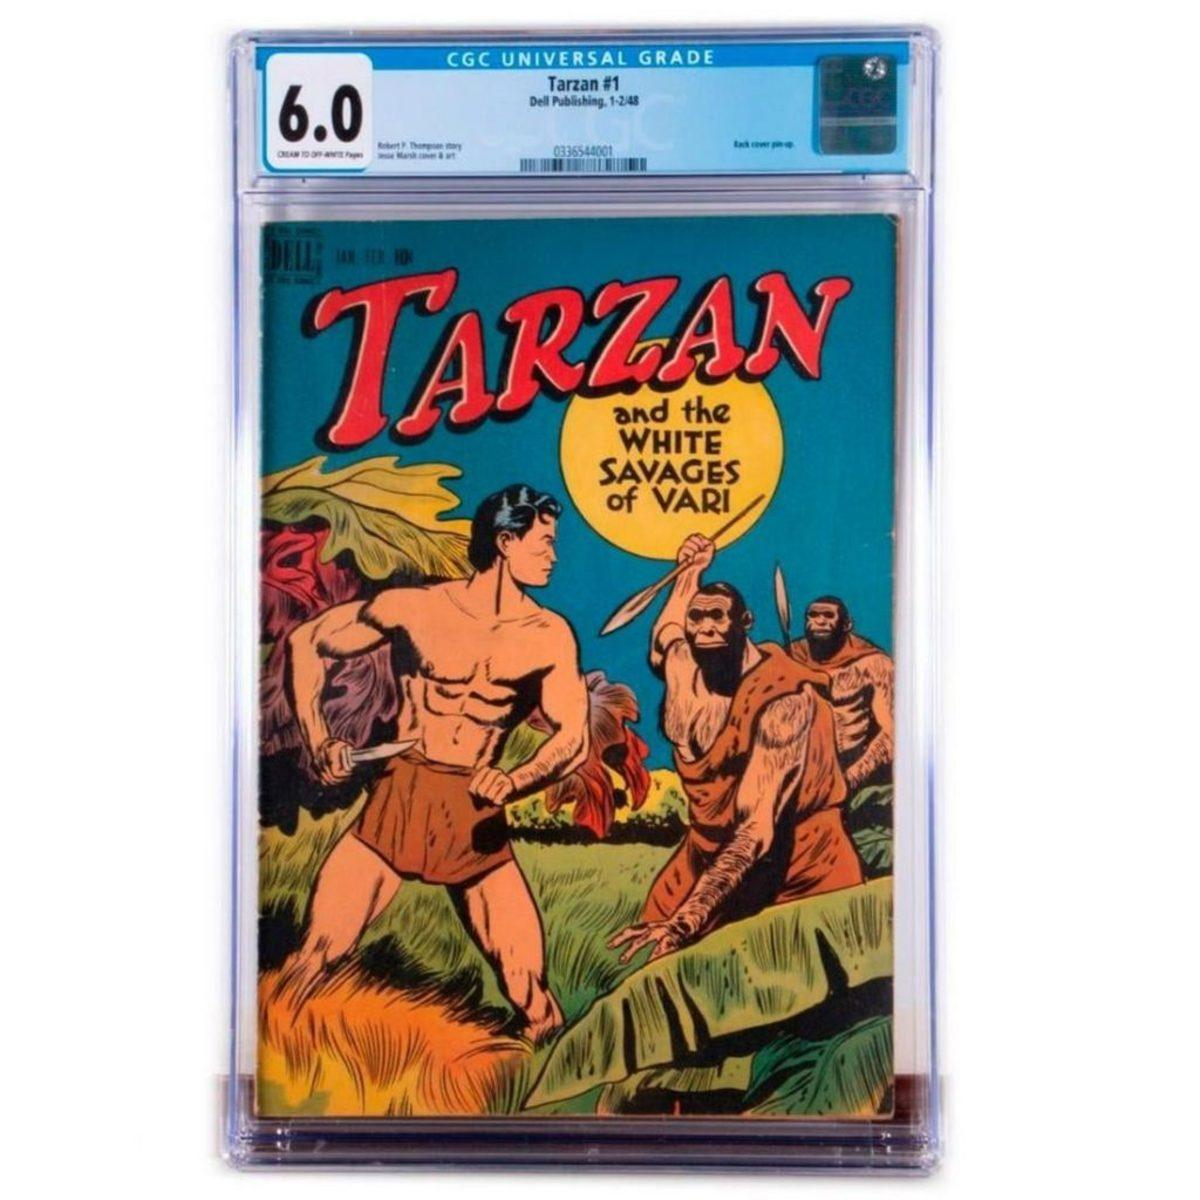 Tarzan and the White Savages of Vari. CGC Universal Grade, 6.0 Dell, 1-2/48 Issue: 1 Condition: Fine. Estimate: $600-800.